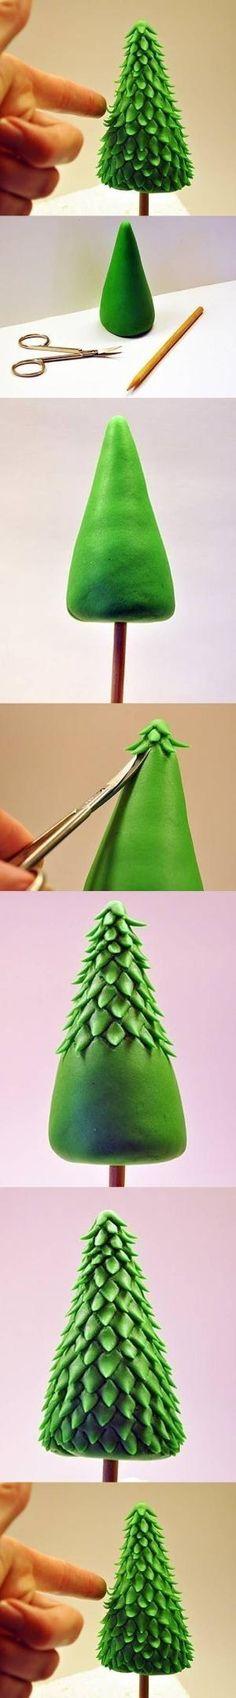 Internet Árbol de Navidad DIY arcilla Internet Tutorial DIY arcilla Navidad Tutorial kater65